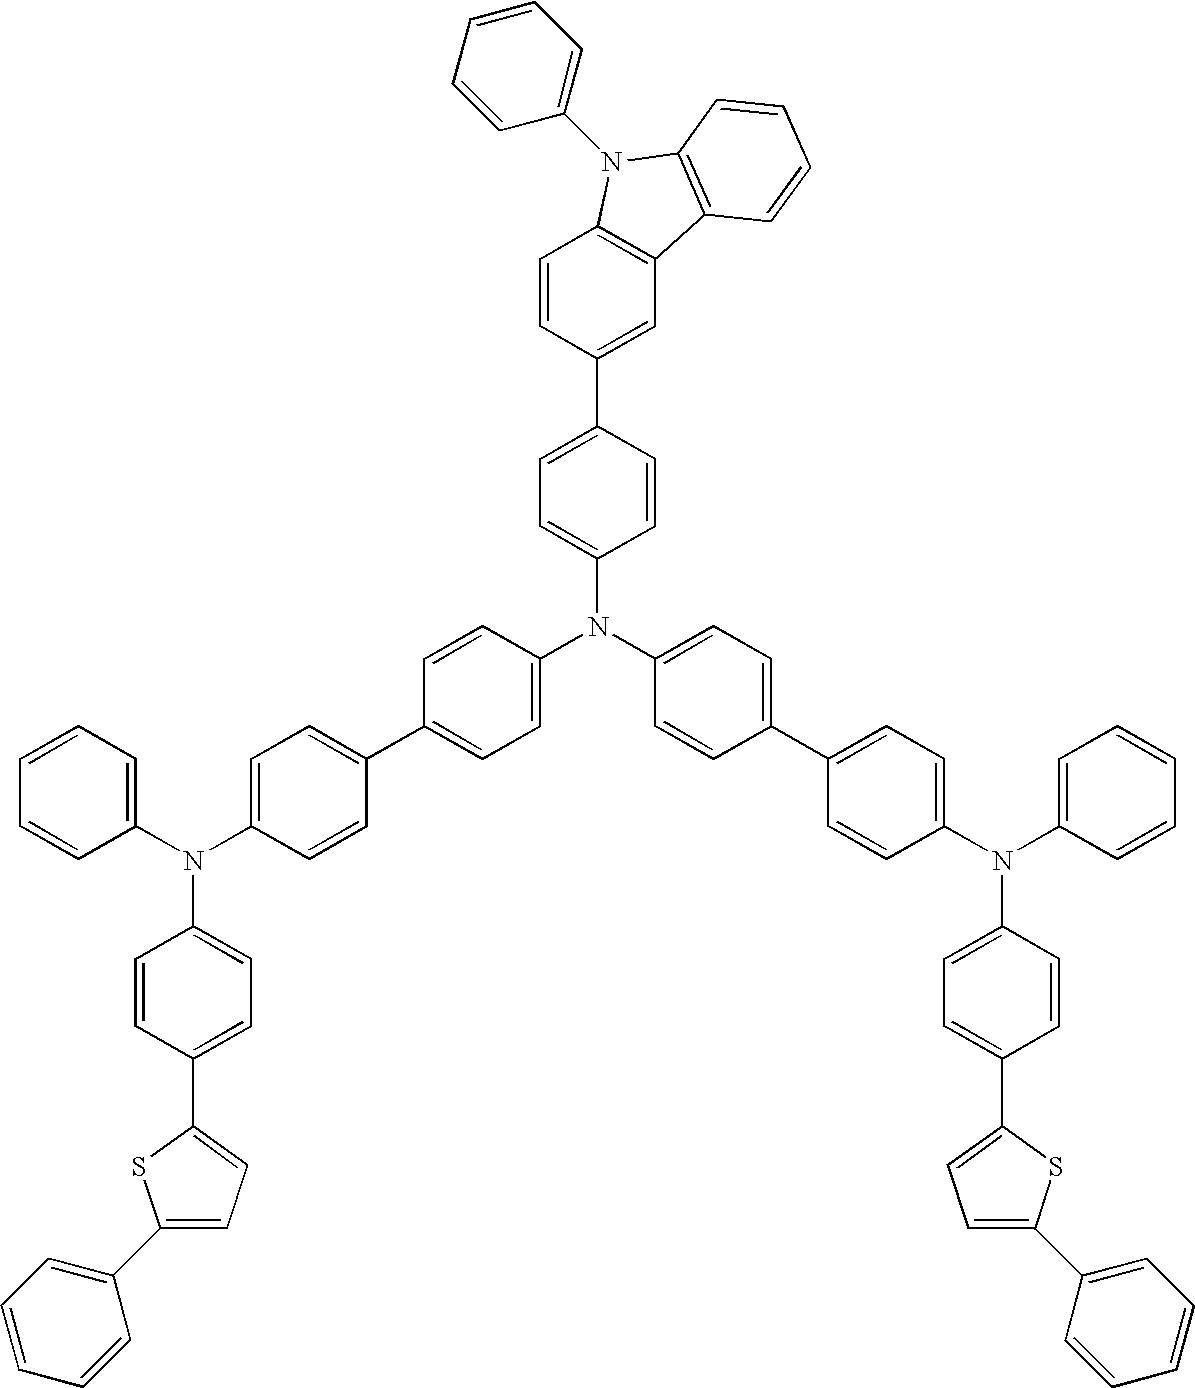 Figure US20090066235A1-20090312-C00038